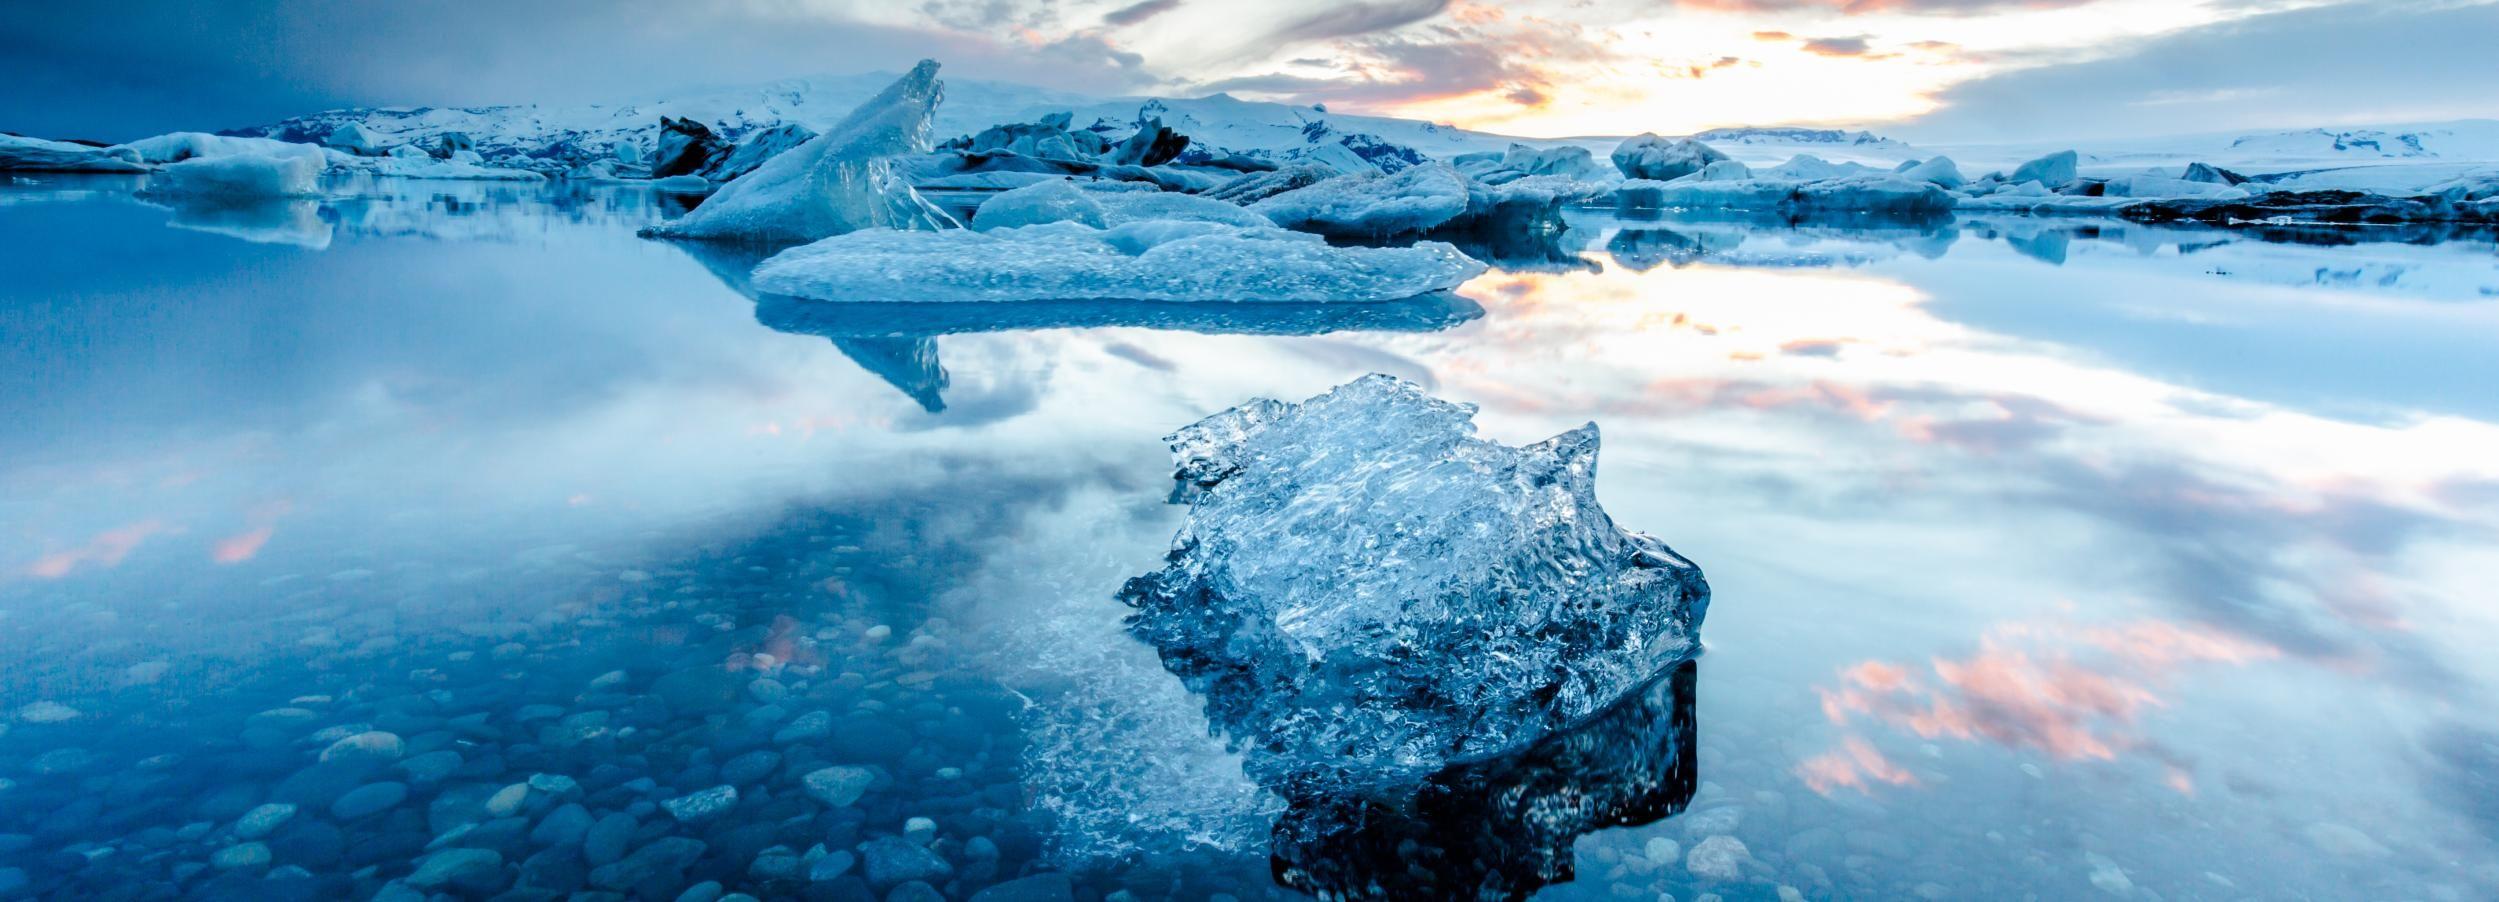 Desde Reikiavik: 3 Excursiones de día completo Paquete de aventura